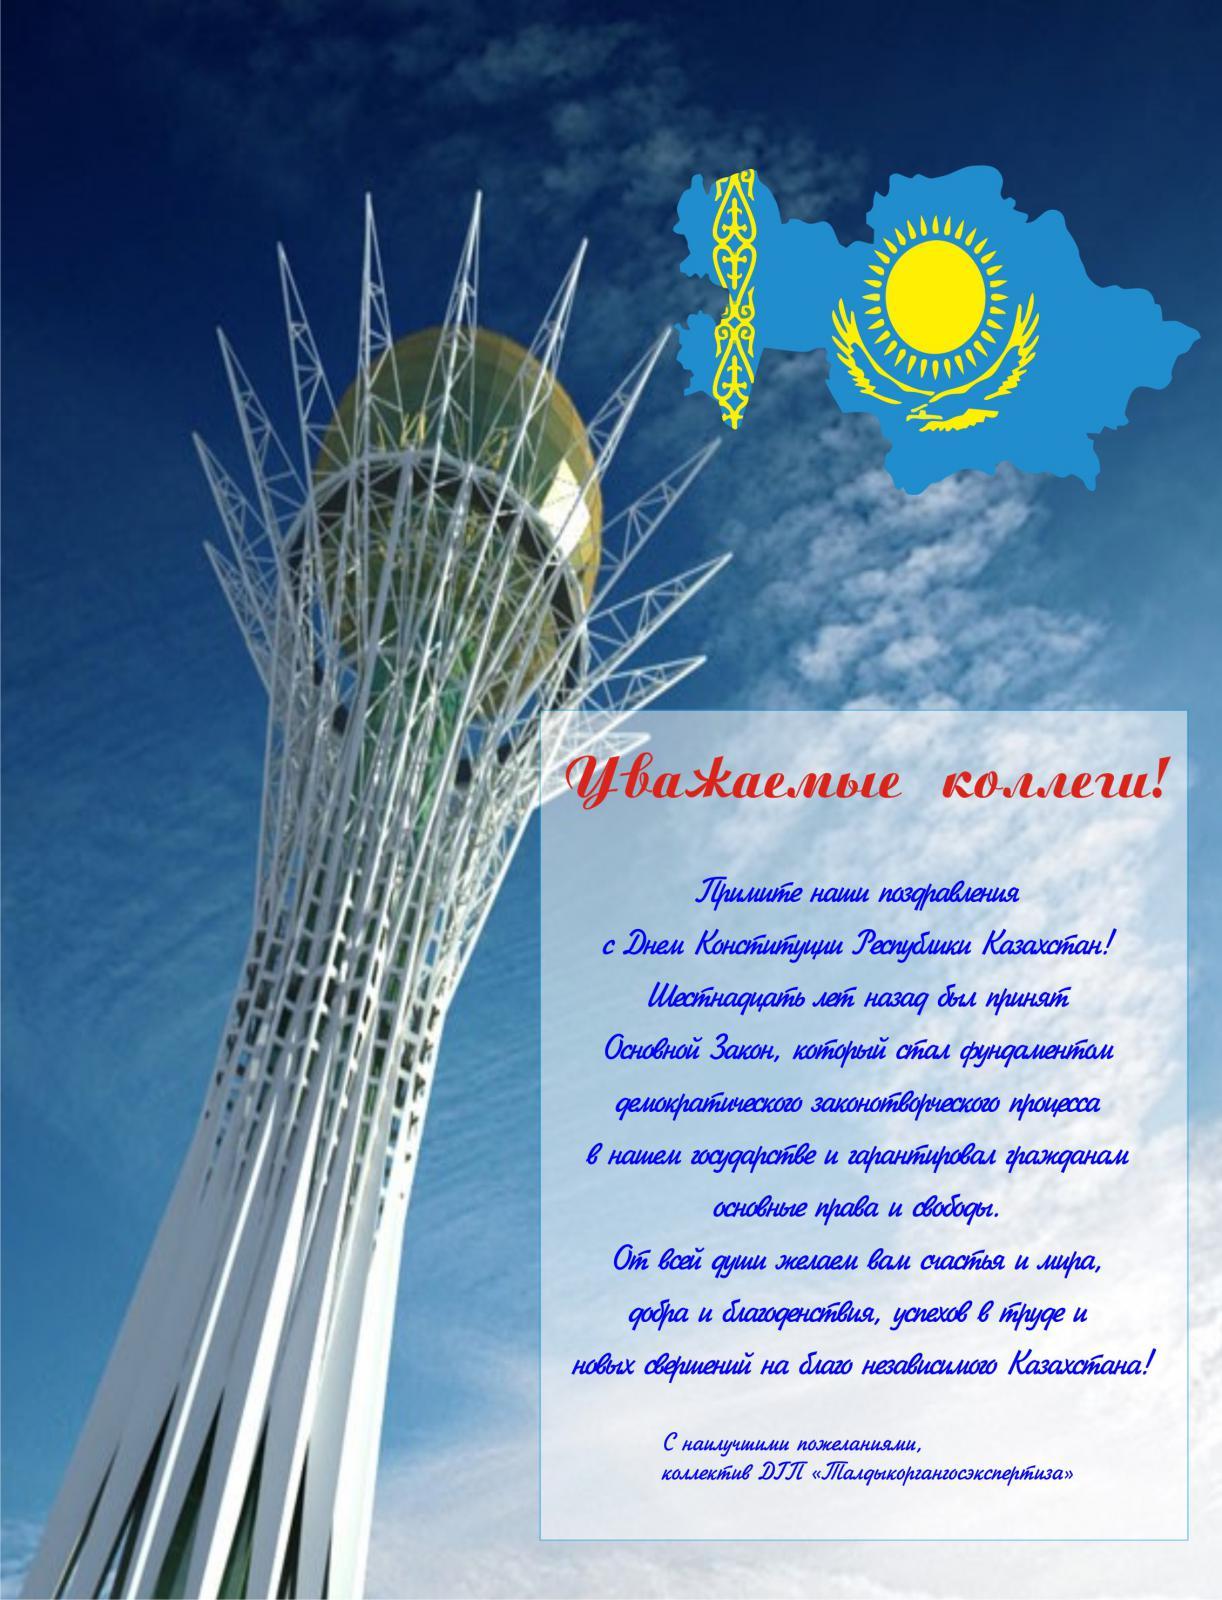 Поздравление на день конституции республики казахстан